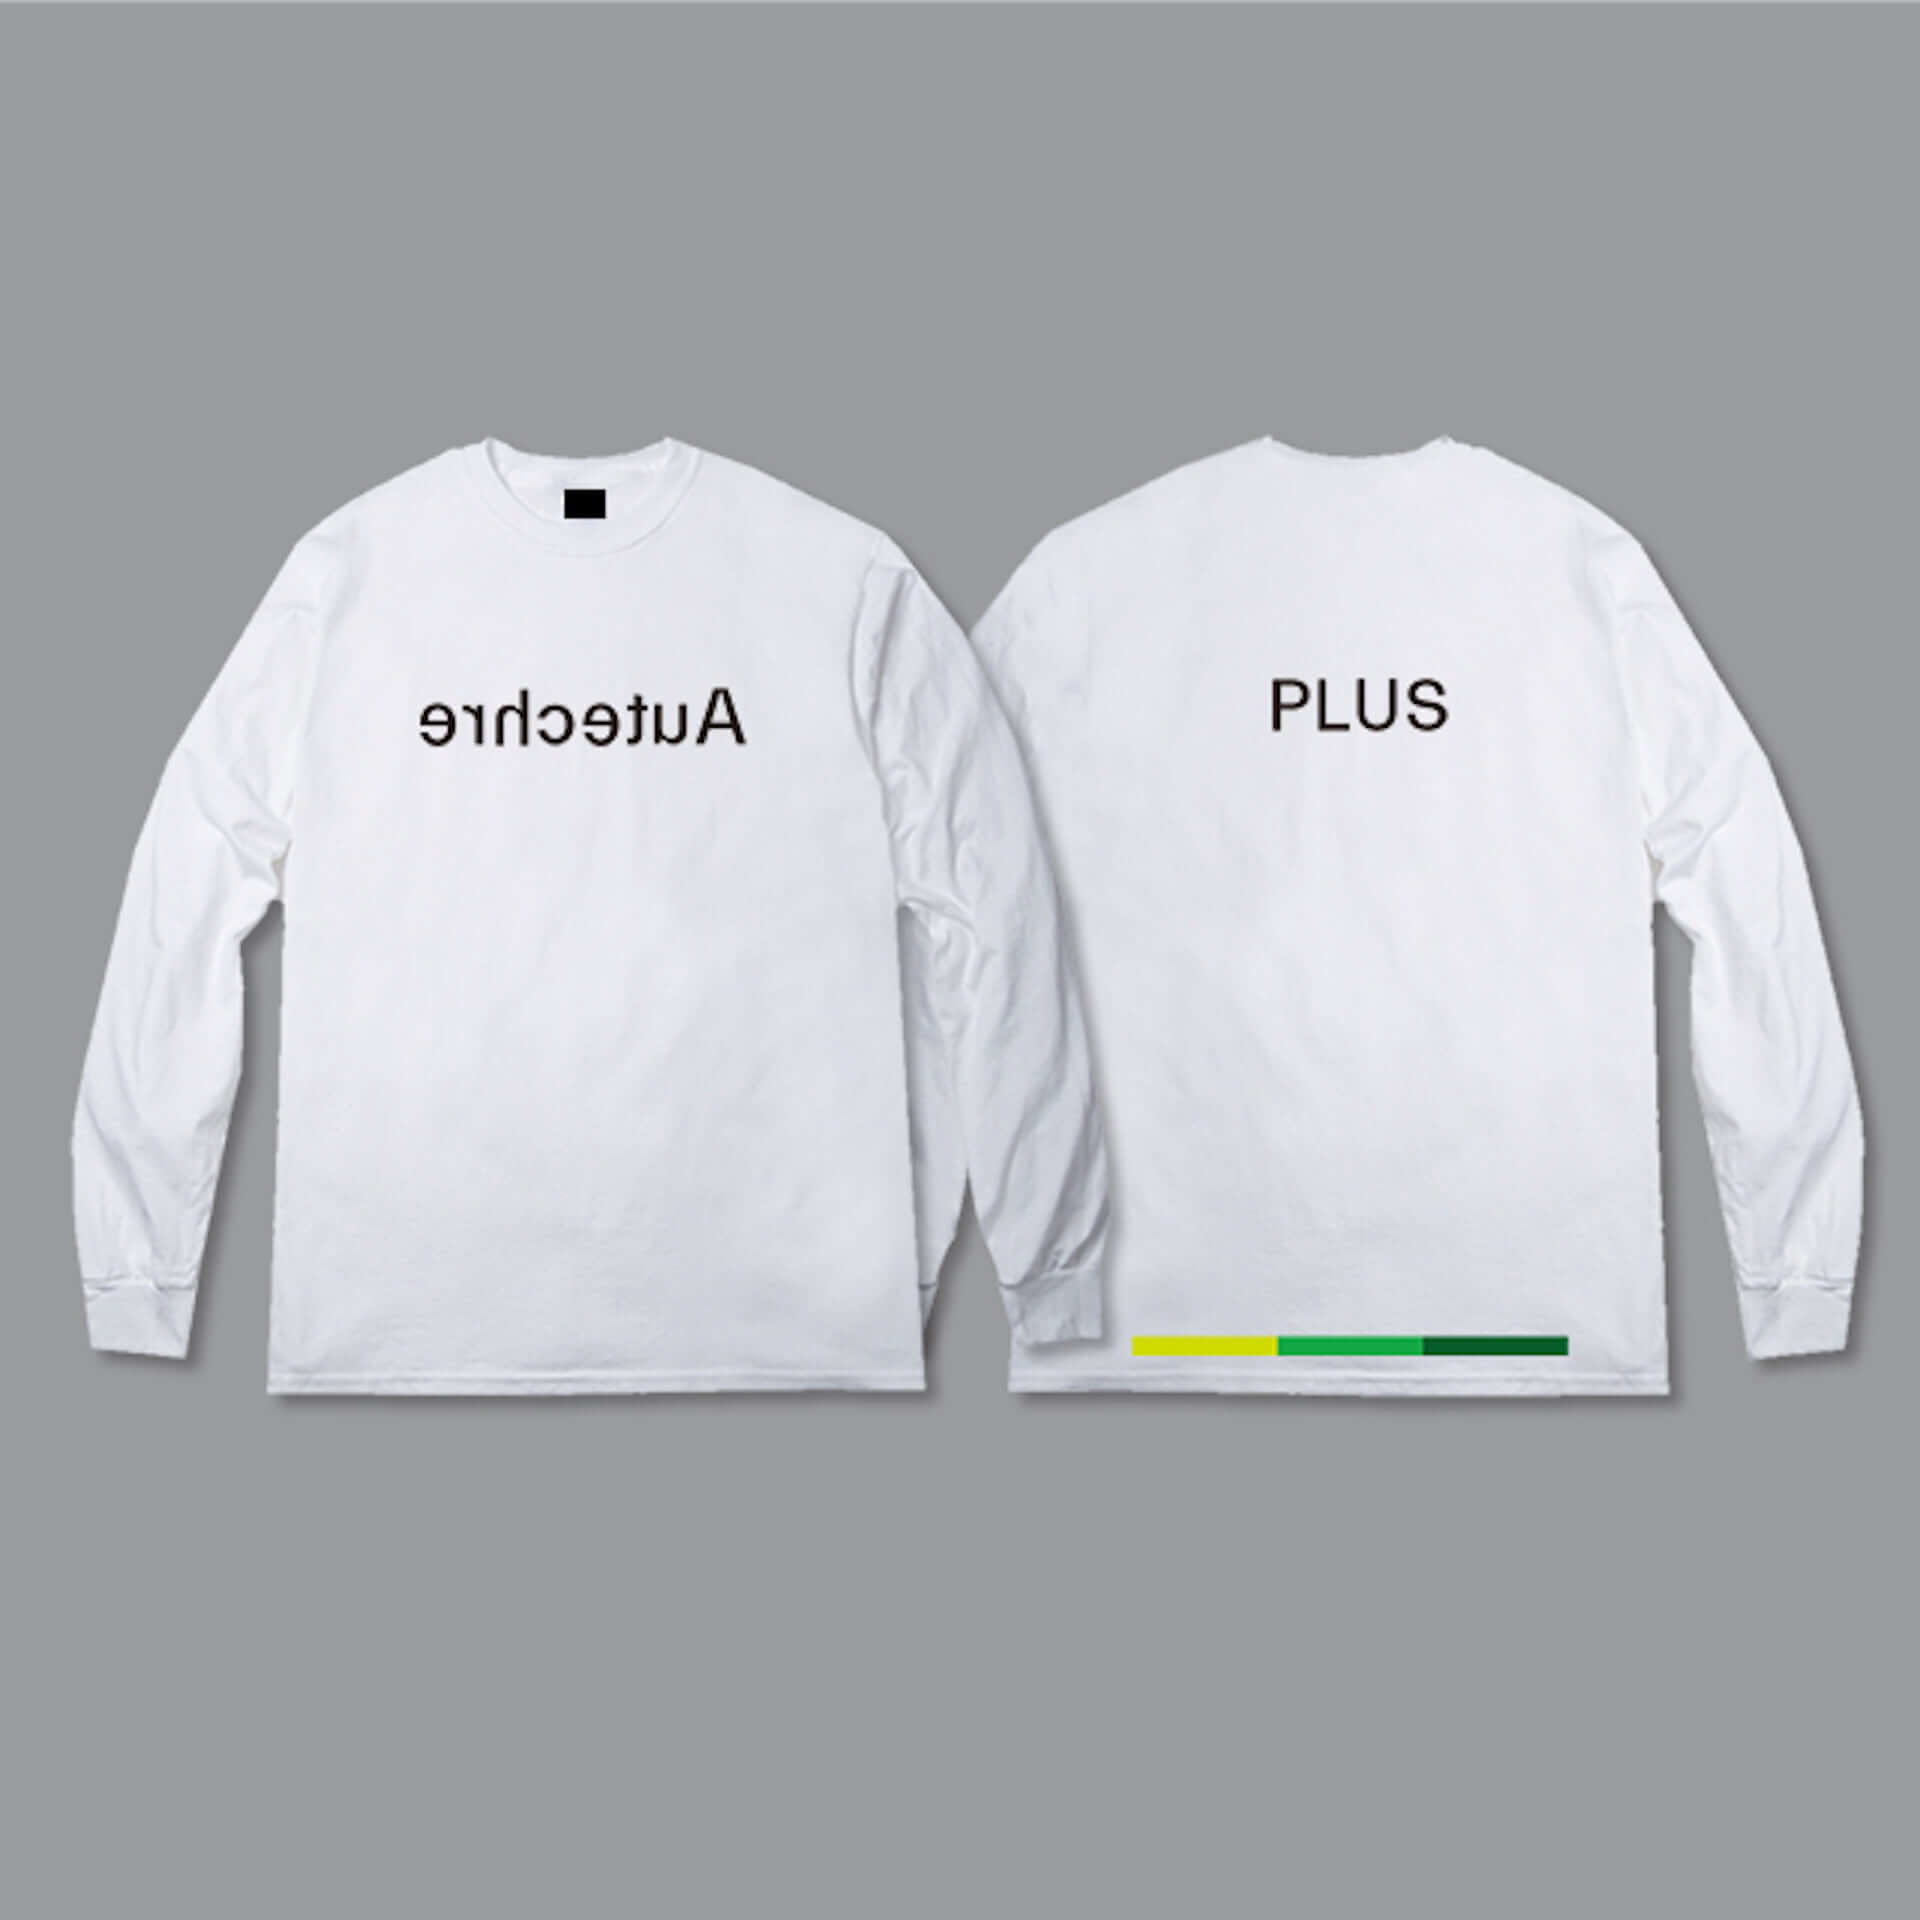 Autechreが『SIGN』に続く新アルバム『PLUS』を突如発表!ロングスリーブTシャツセット、パーカーも発売決定 music201029_autechre_4-1920x1920